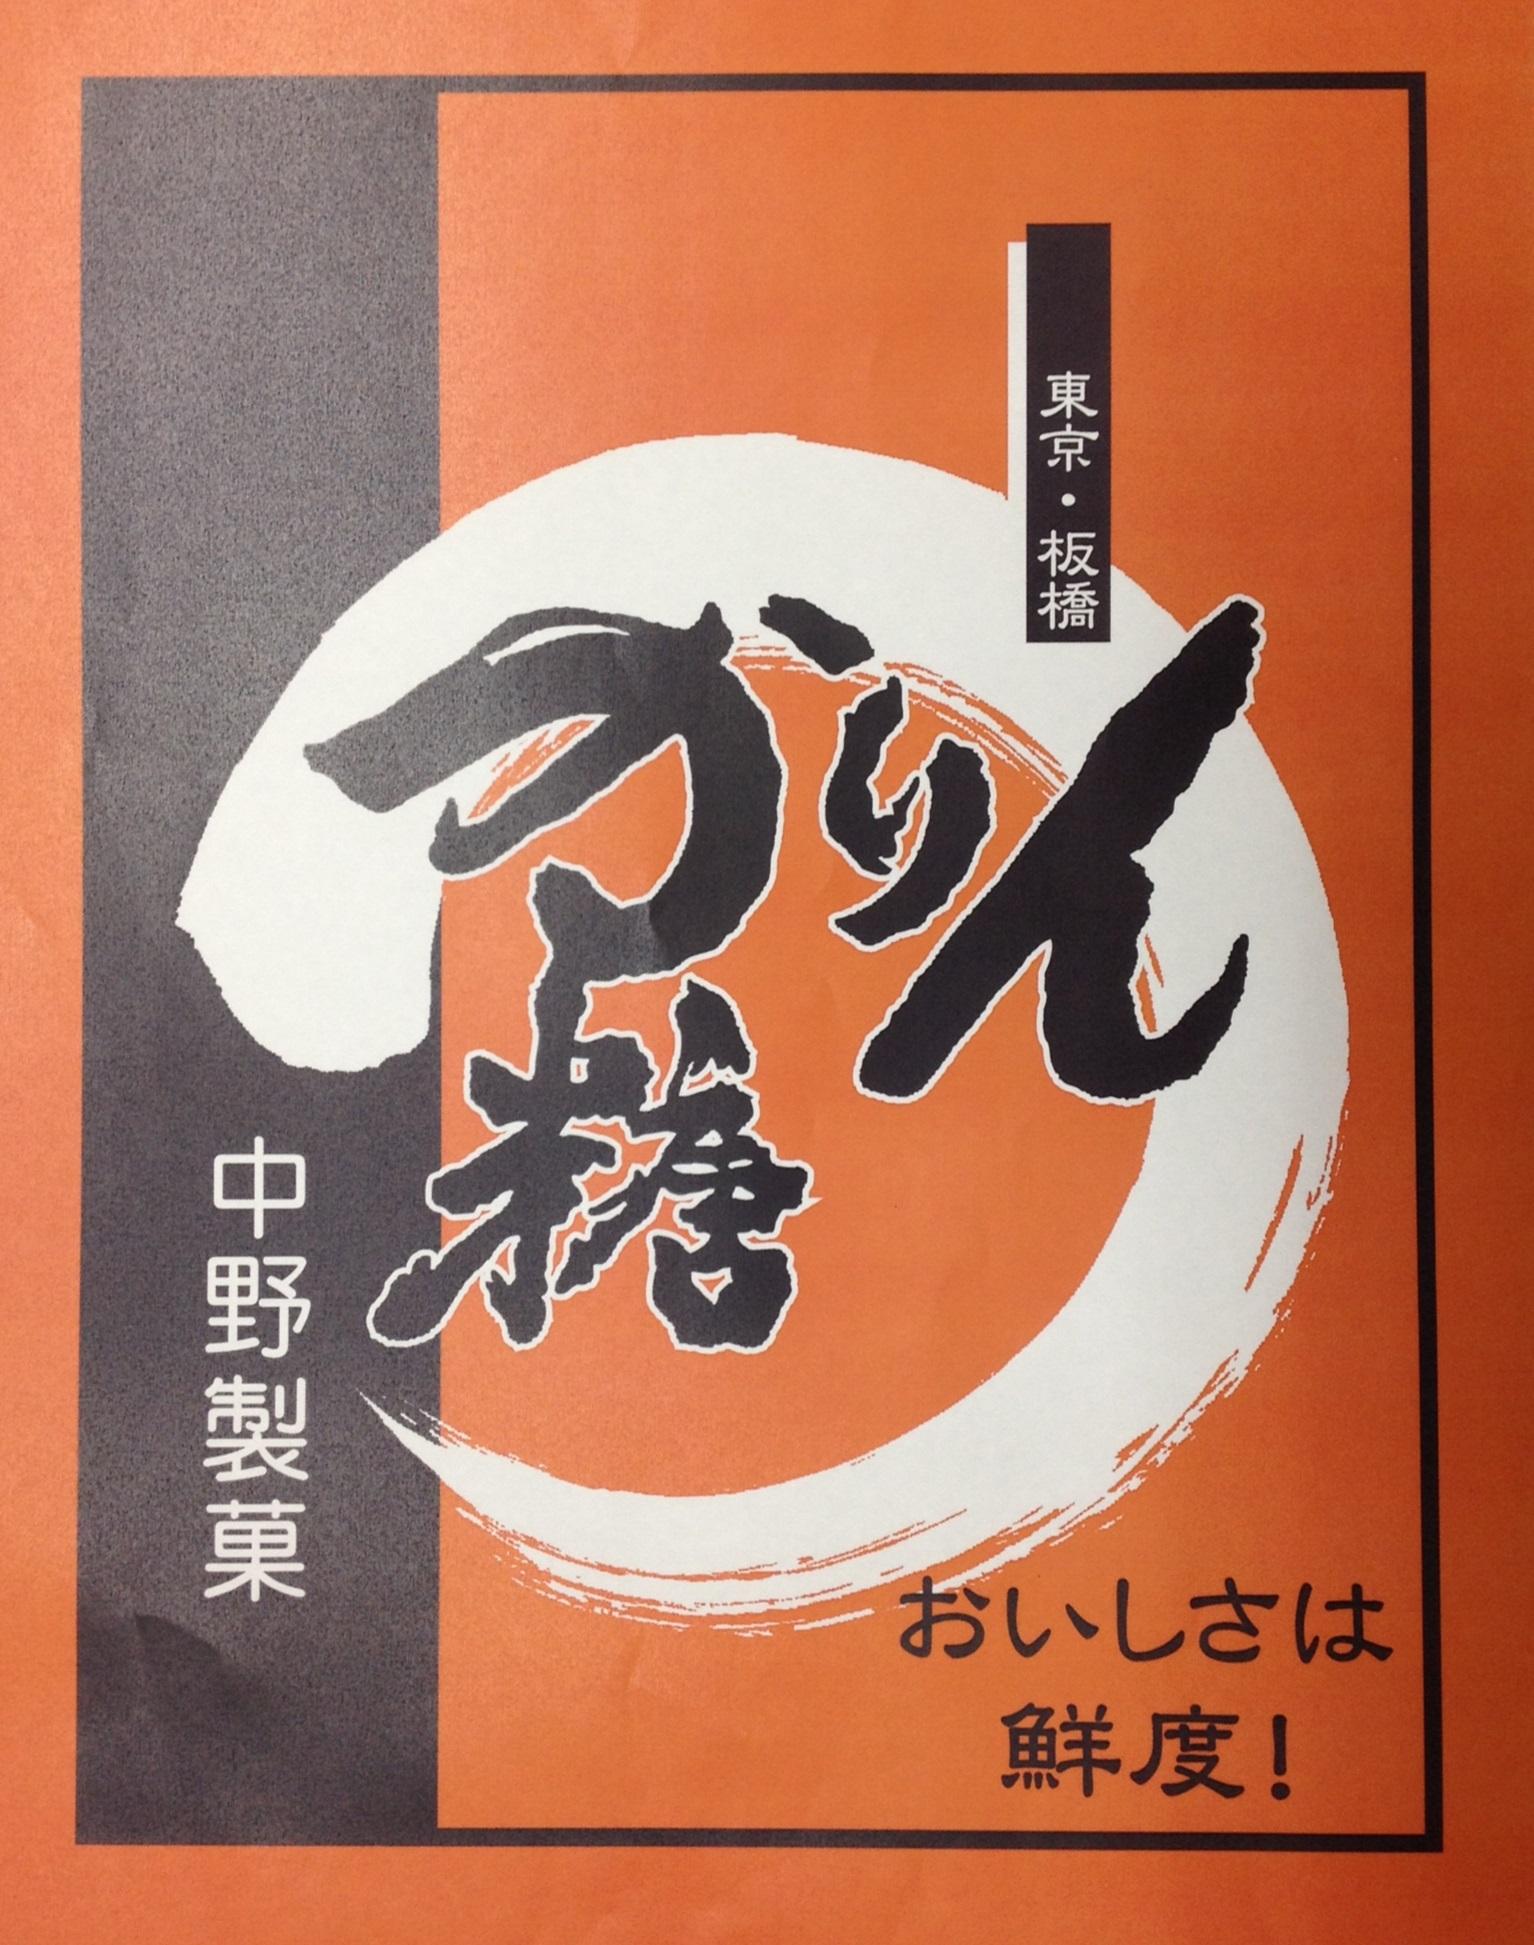 中野製菓株式会社